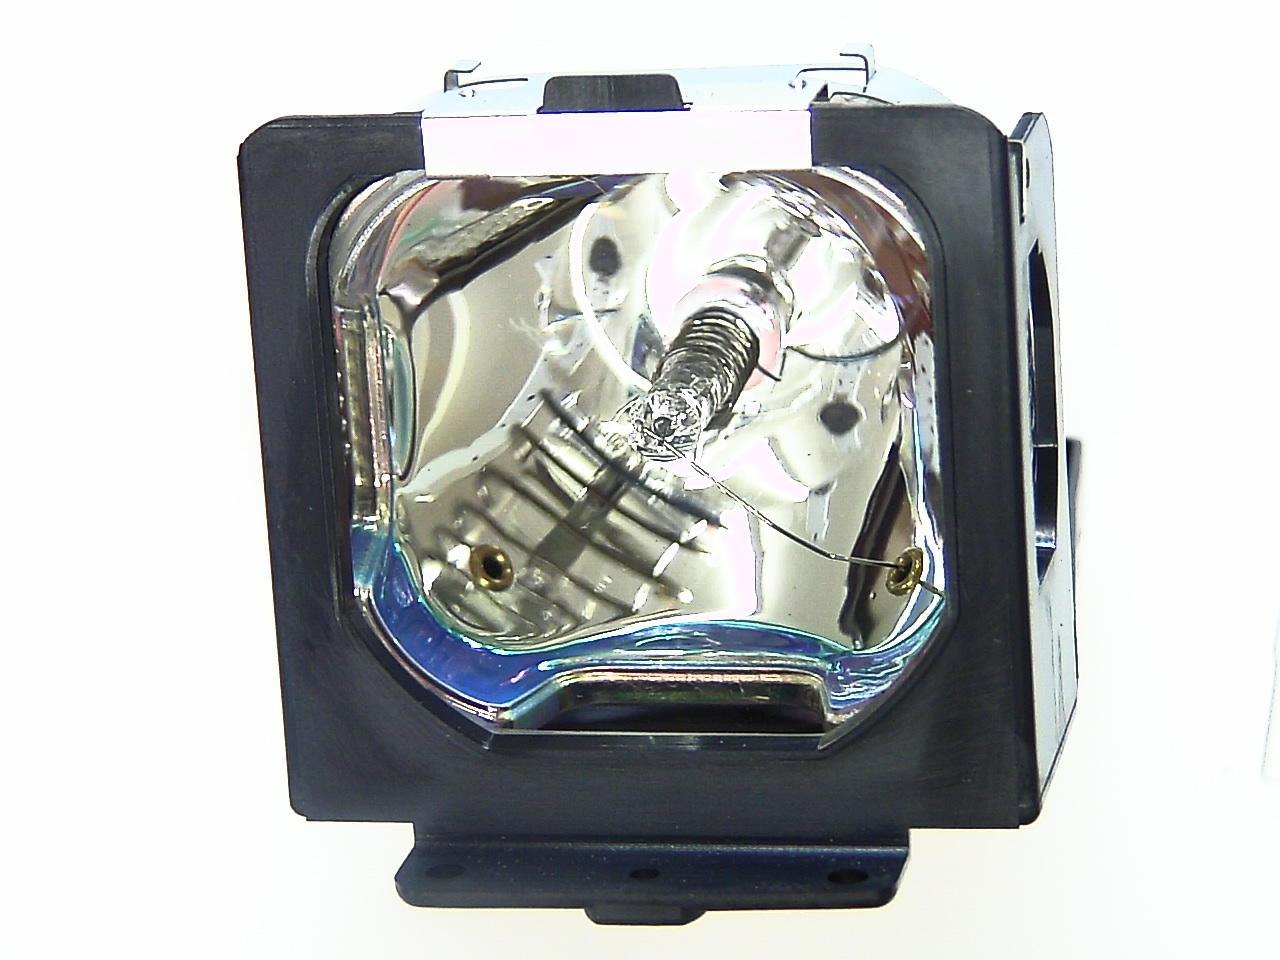 Diamond Lámpara For BOXLIGHT XP-8t Proyector.